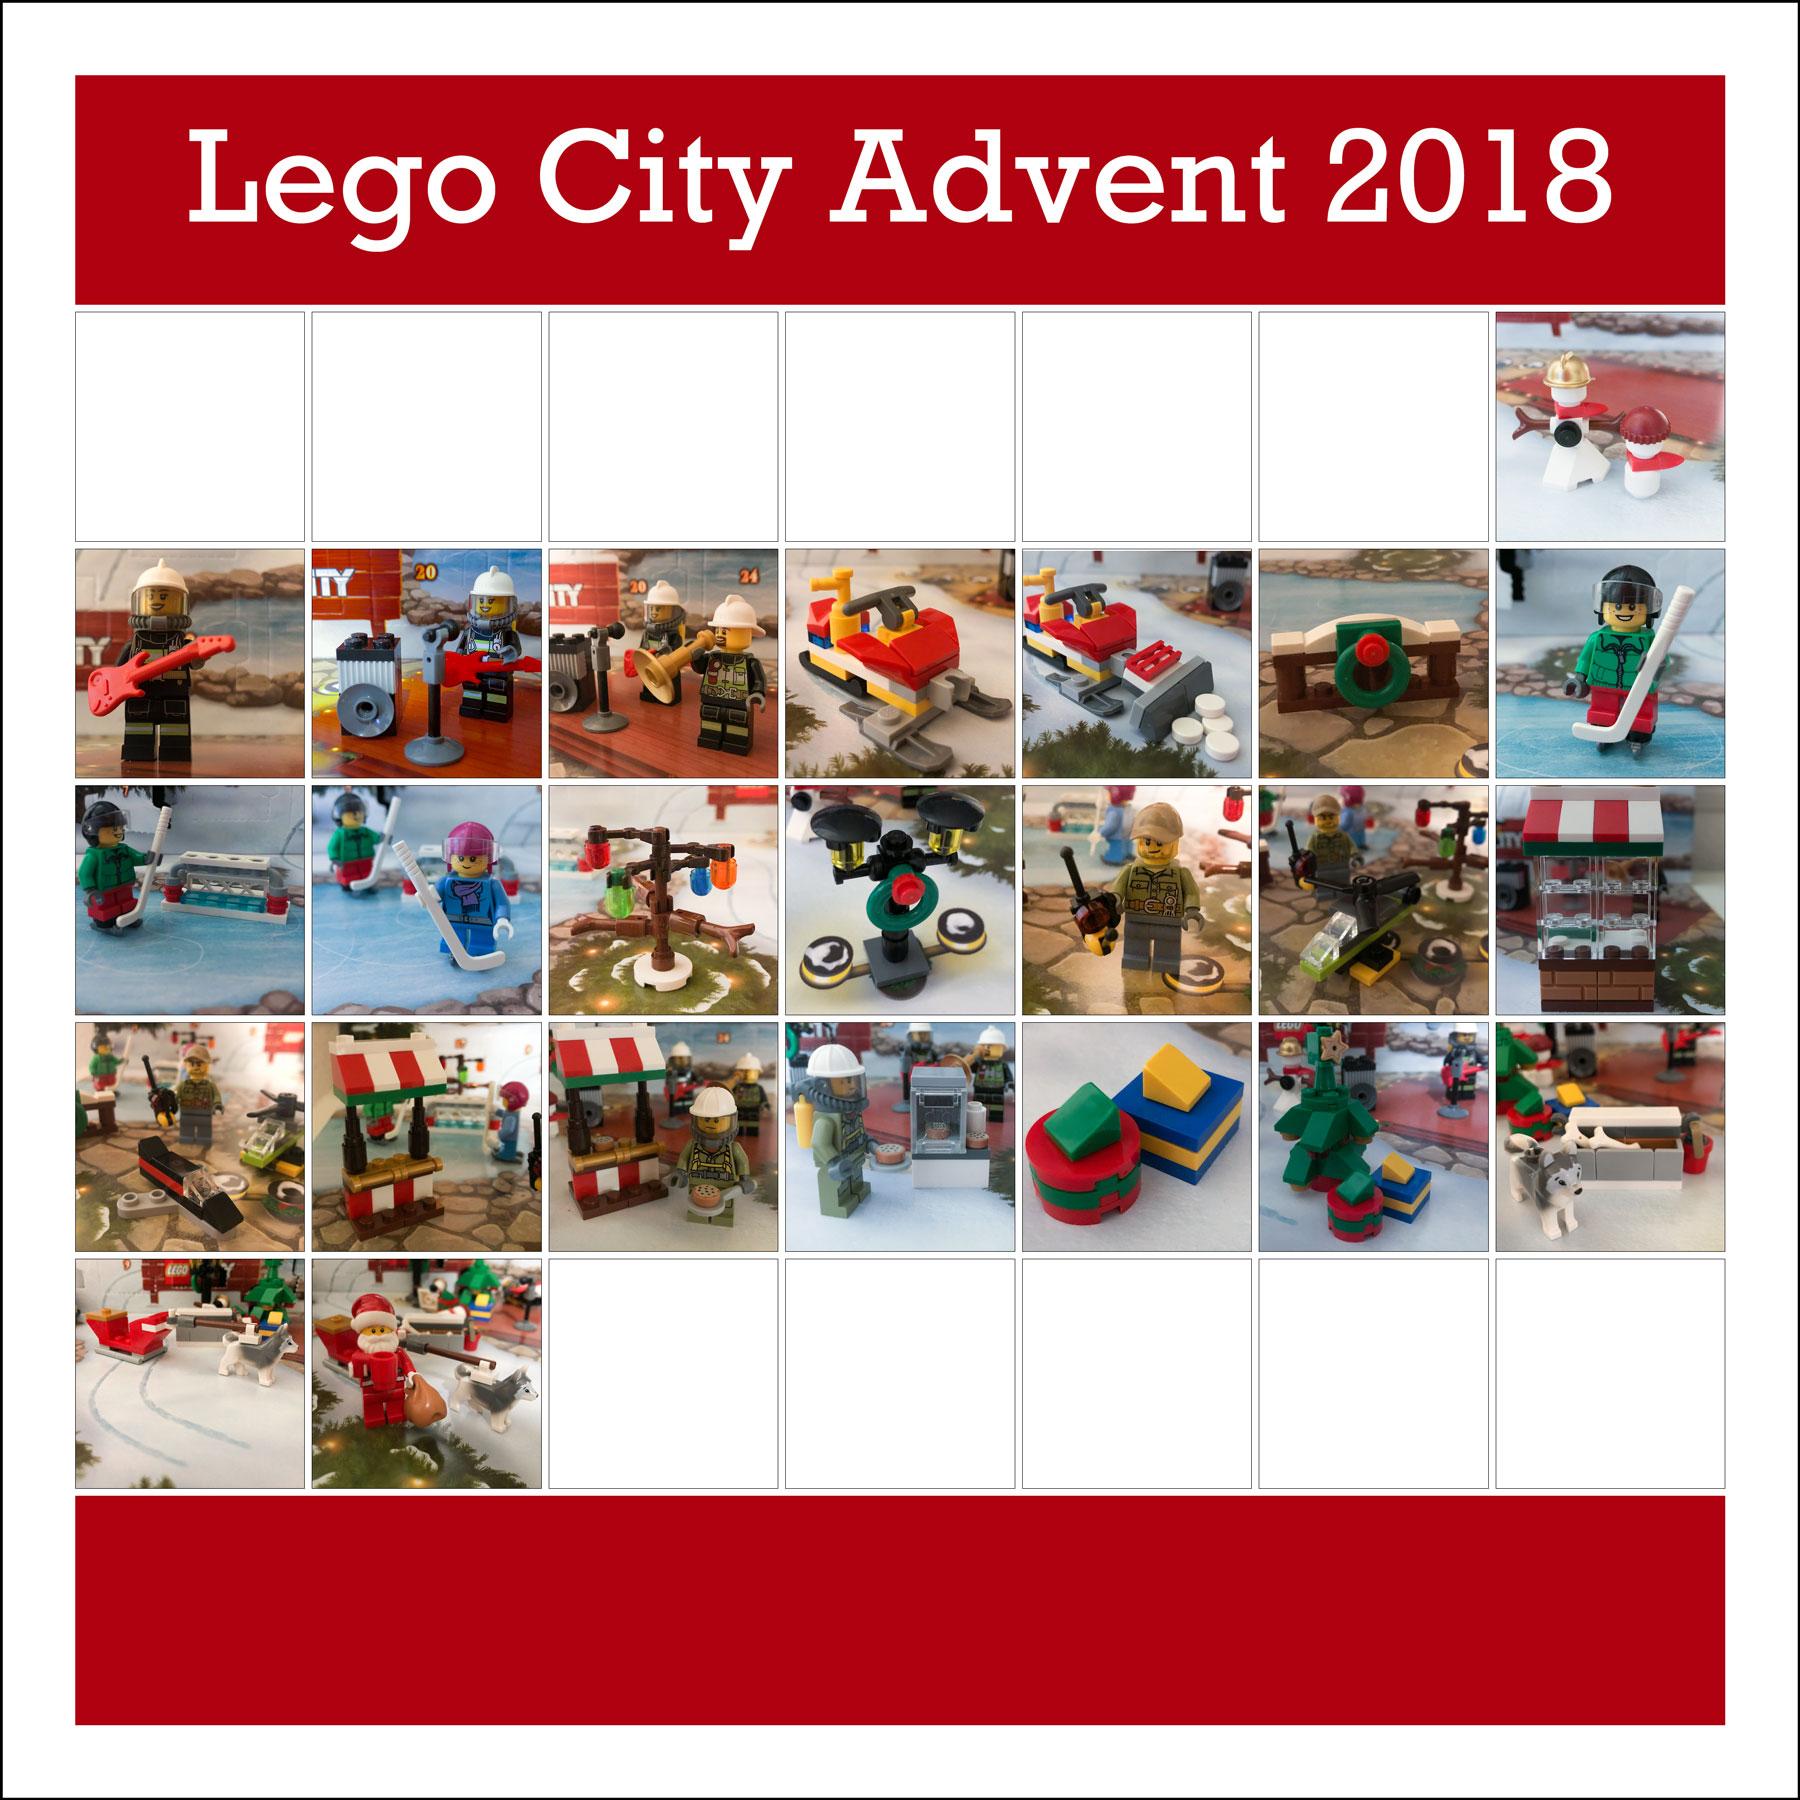 2018-lego.jpg